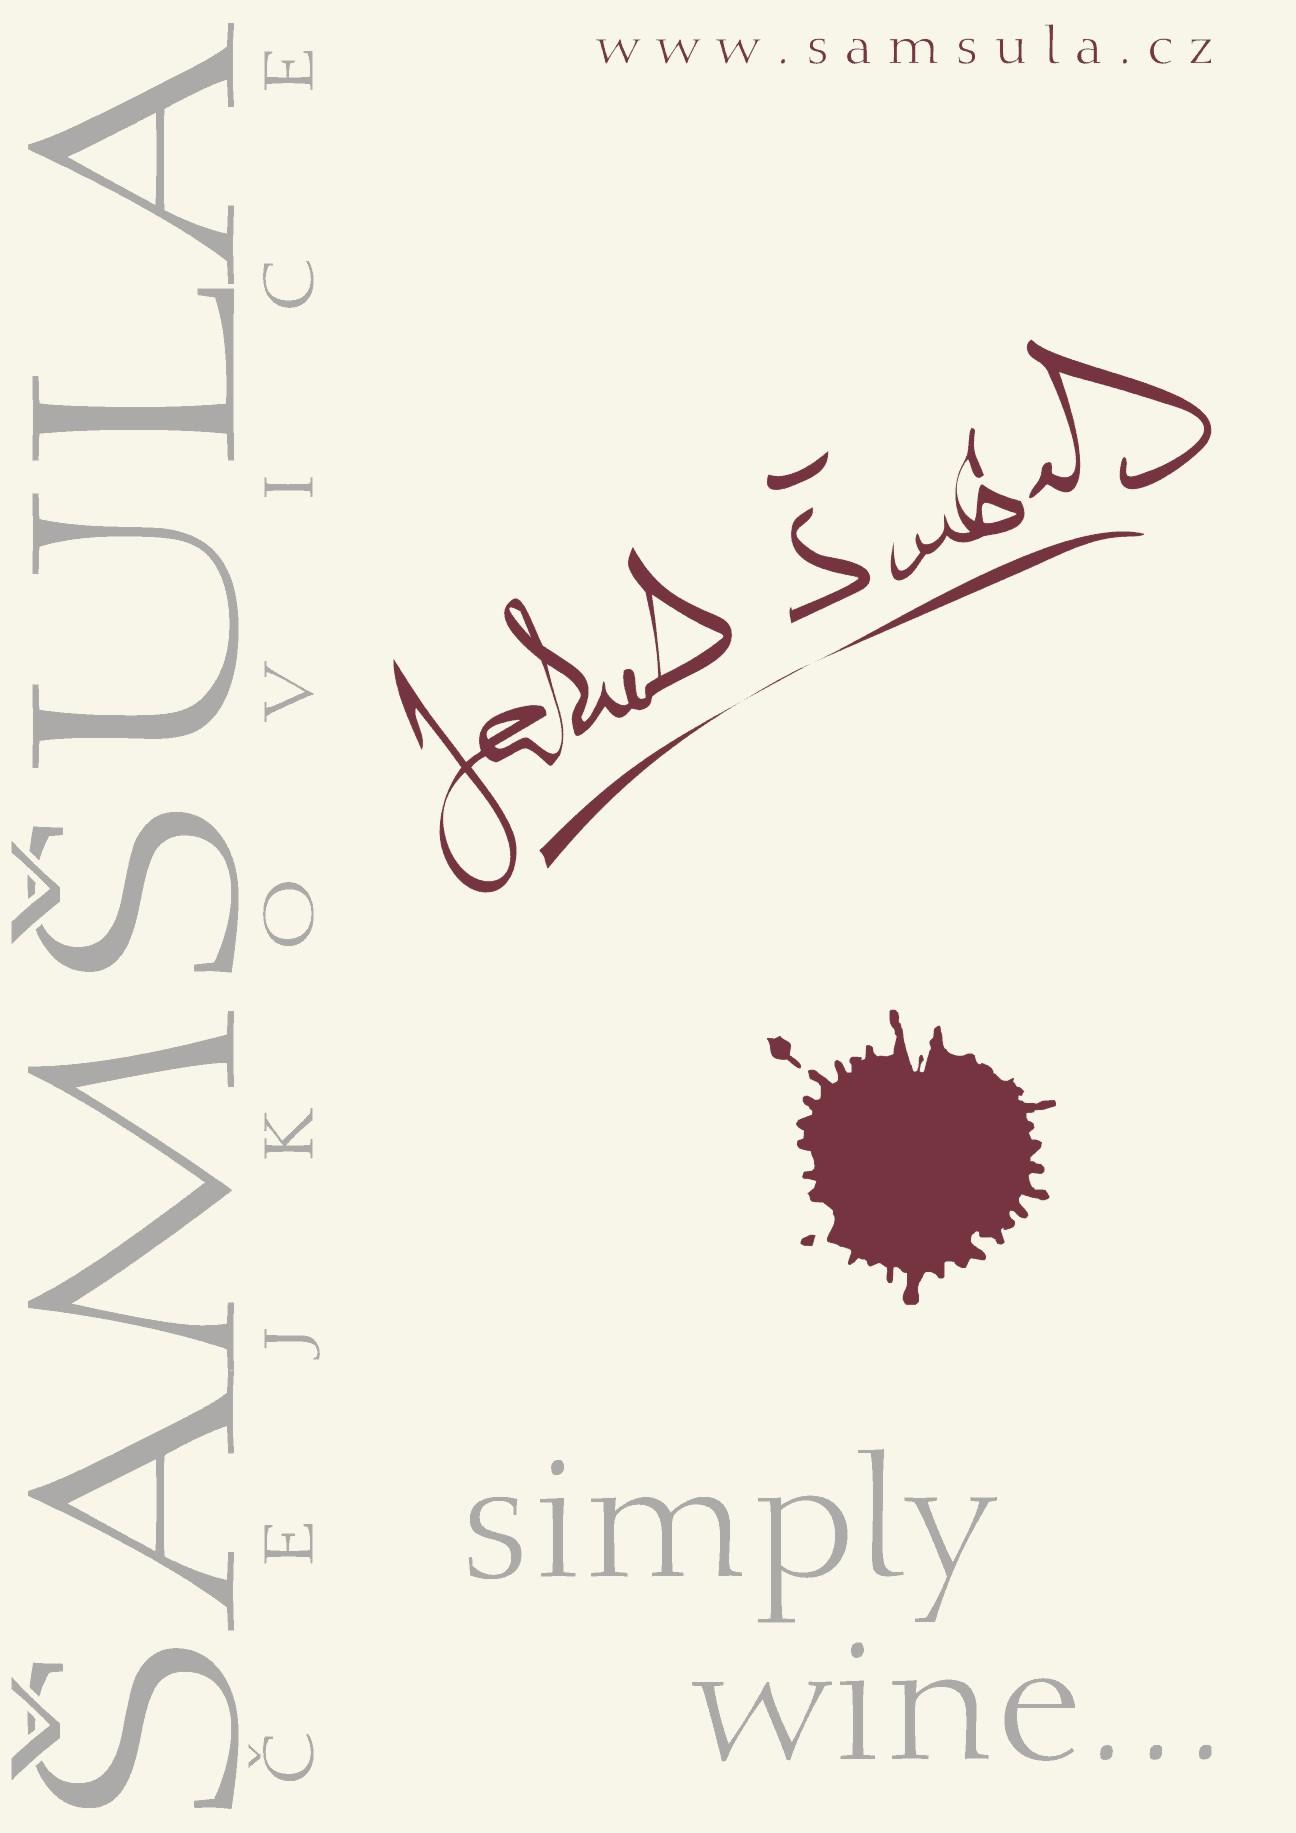 logo-samsula